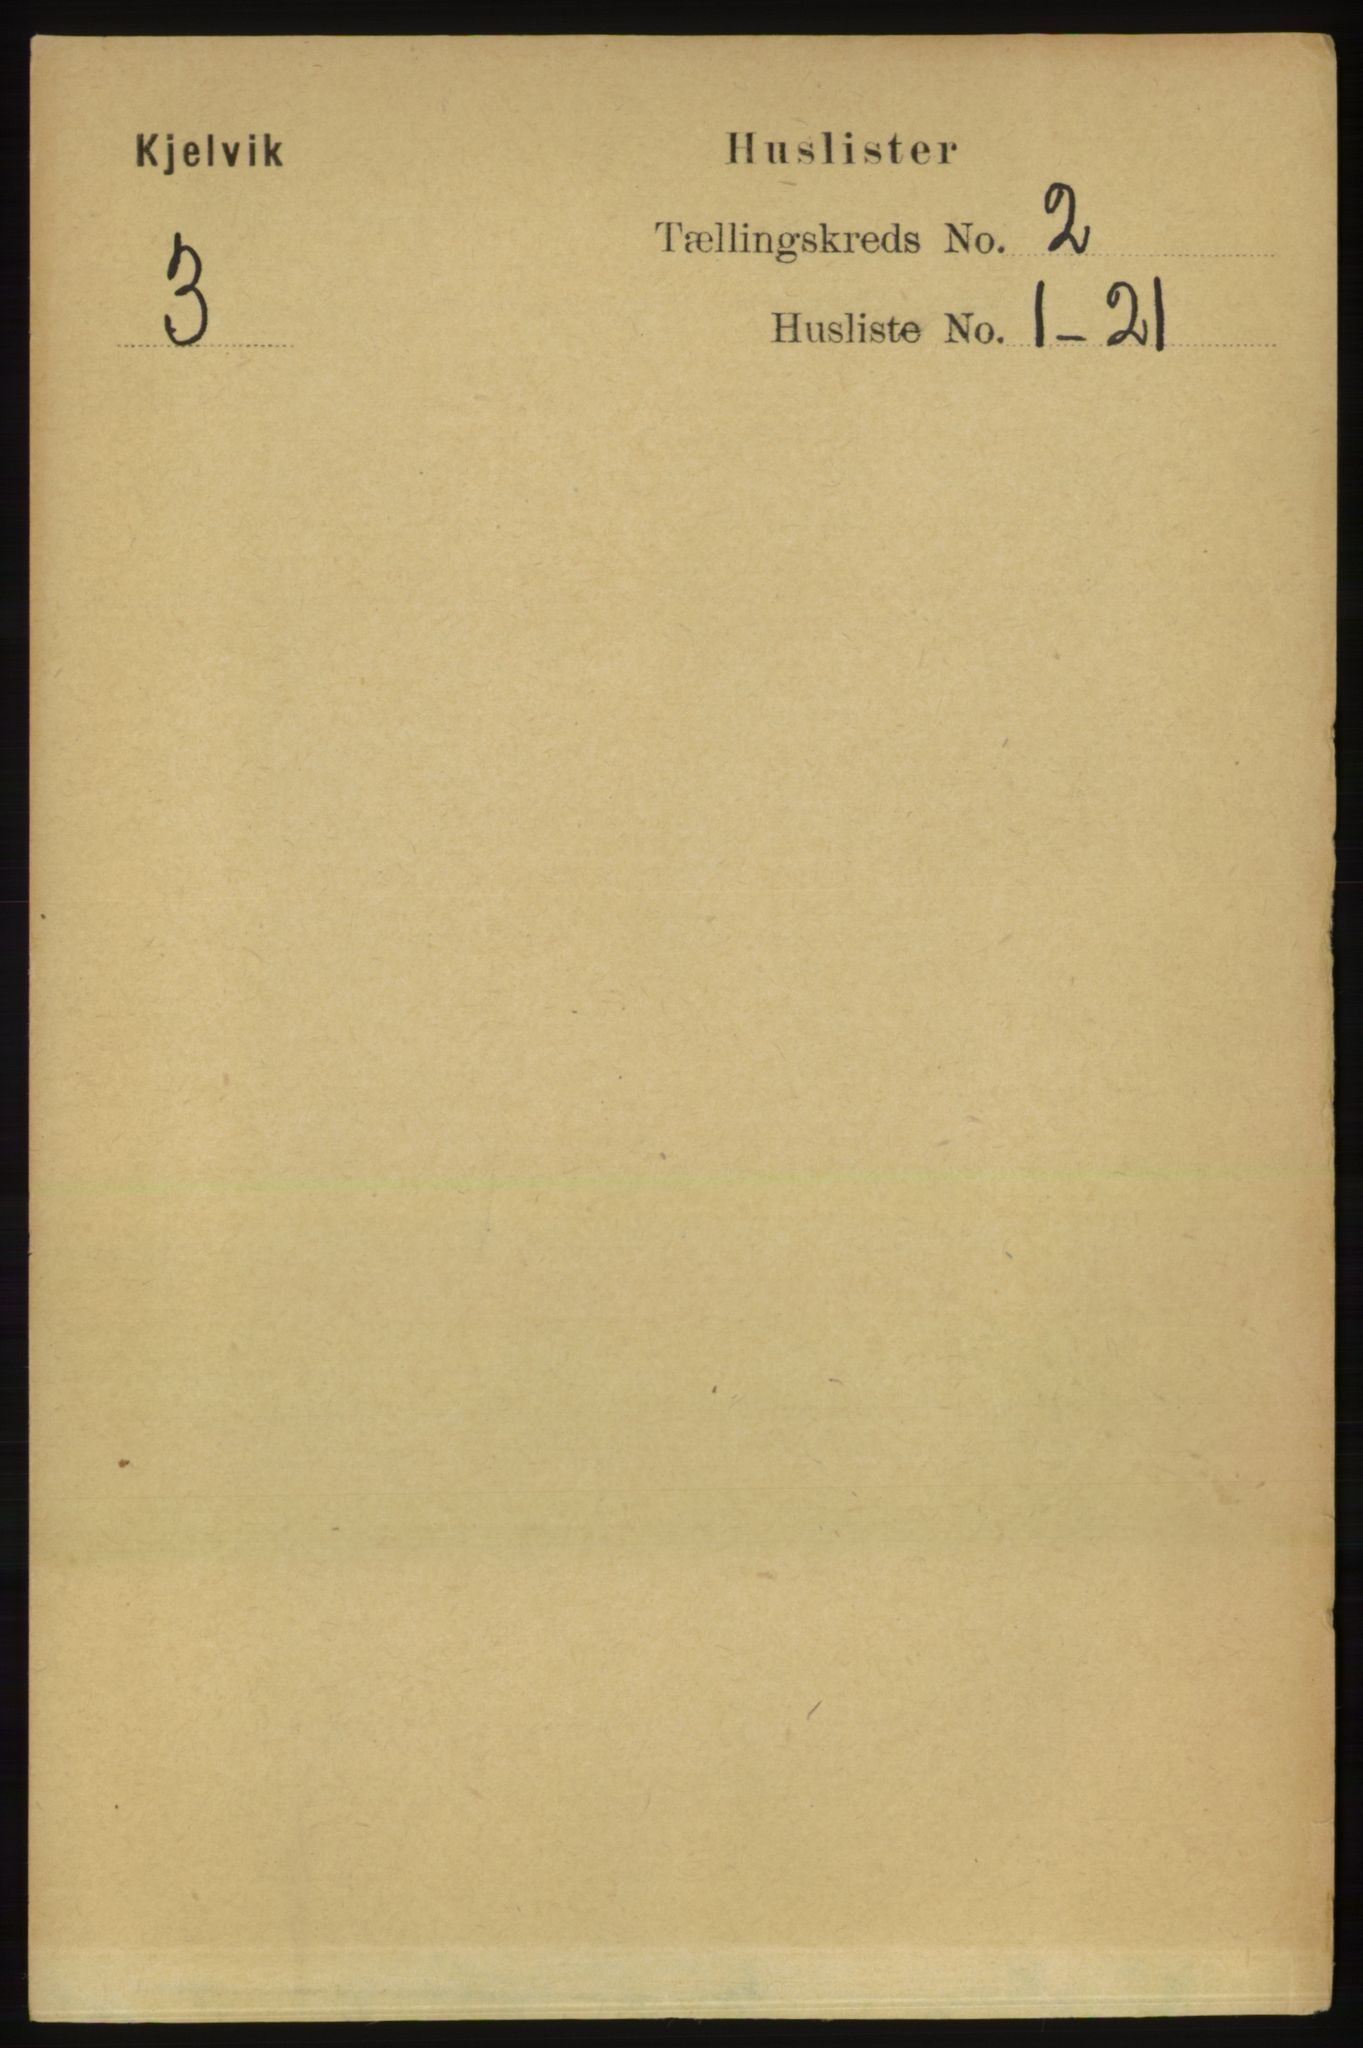 RA, Folketelling 1891 for 2019 Kjelvik herred, 1891, s. 78